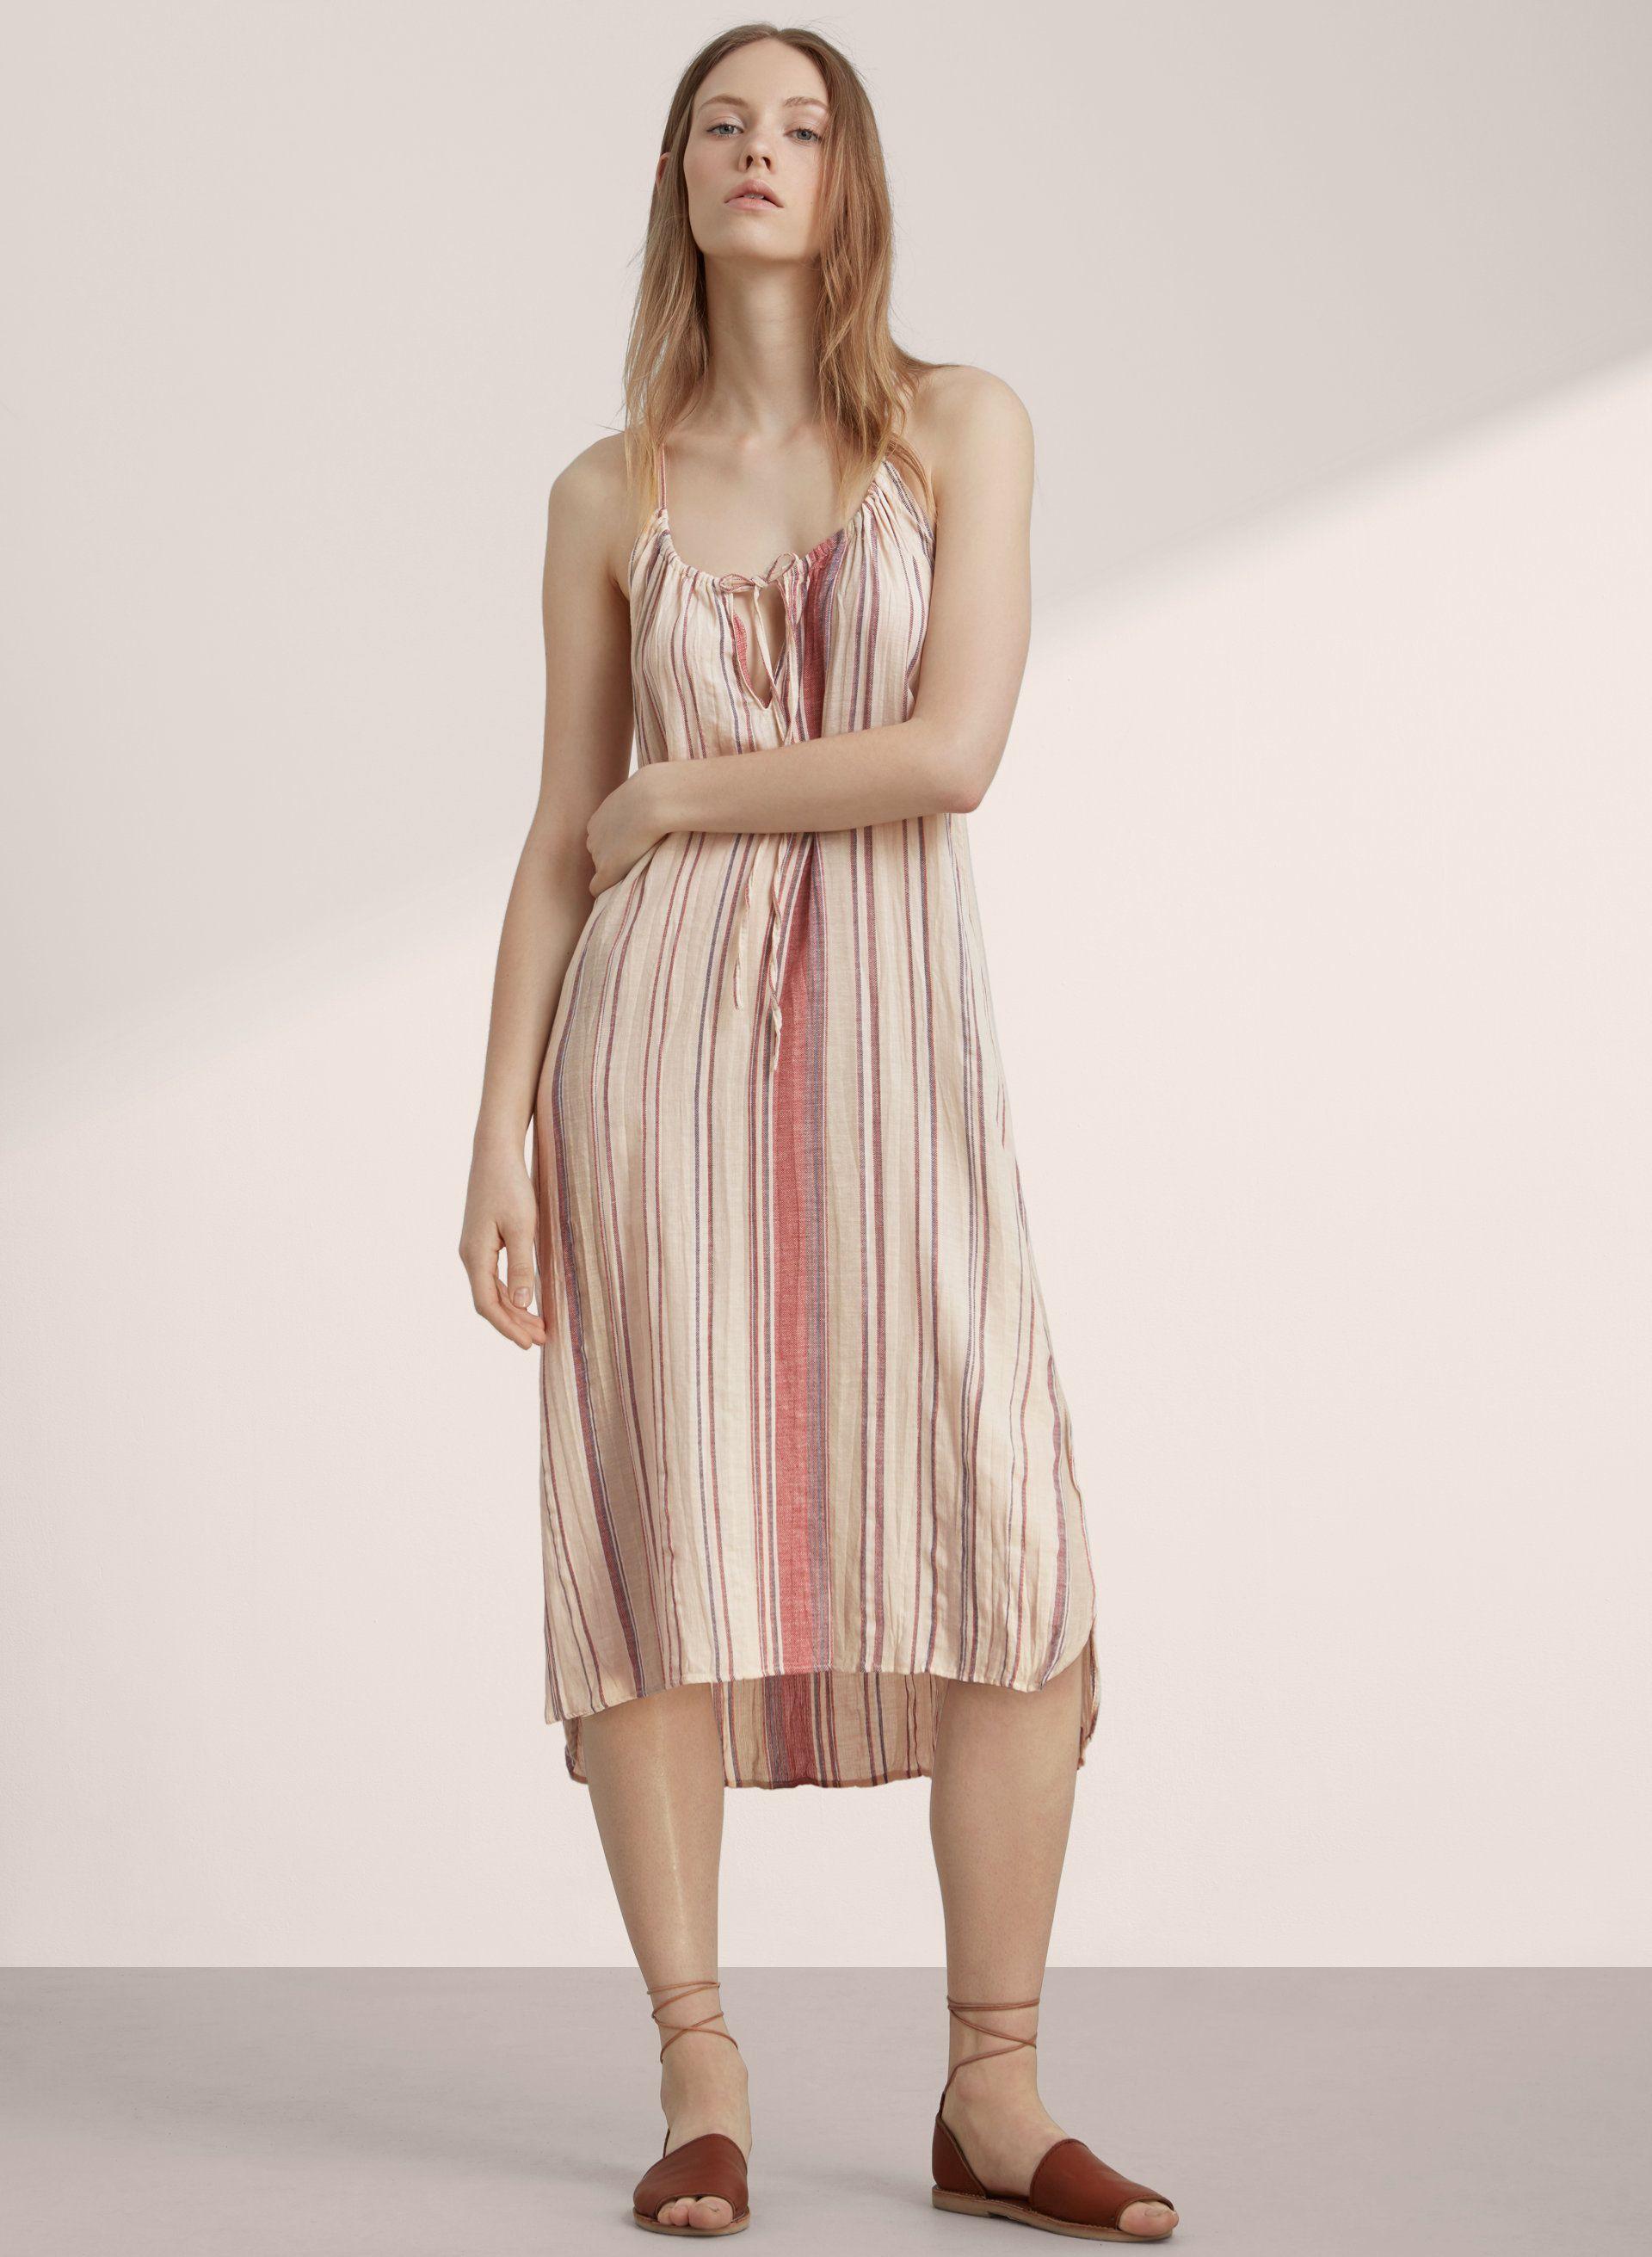 Kelsen dress s style boho and clothing